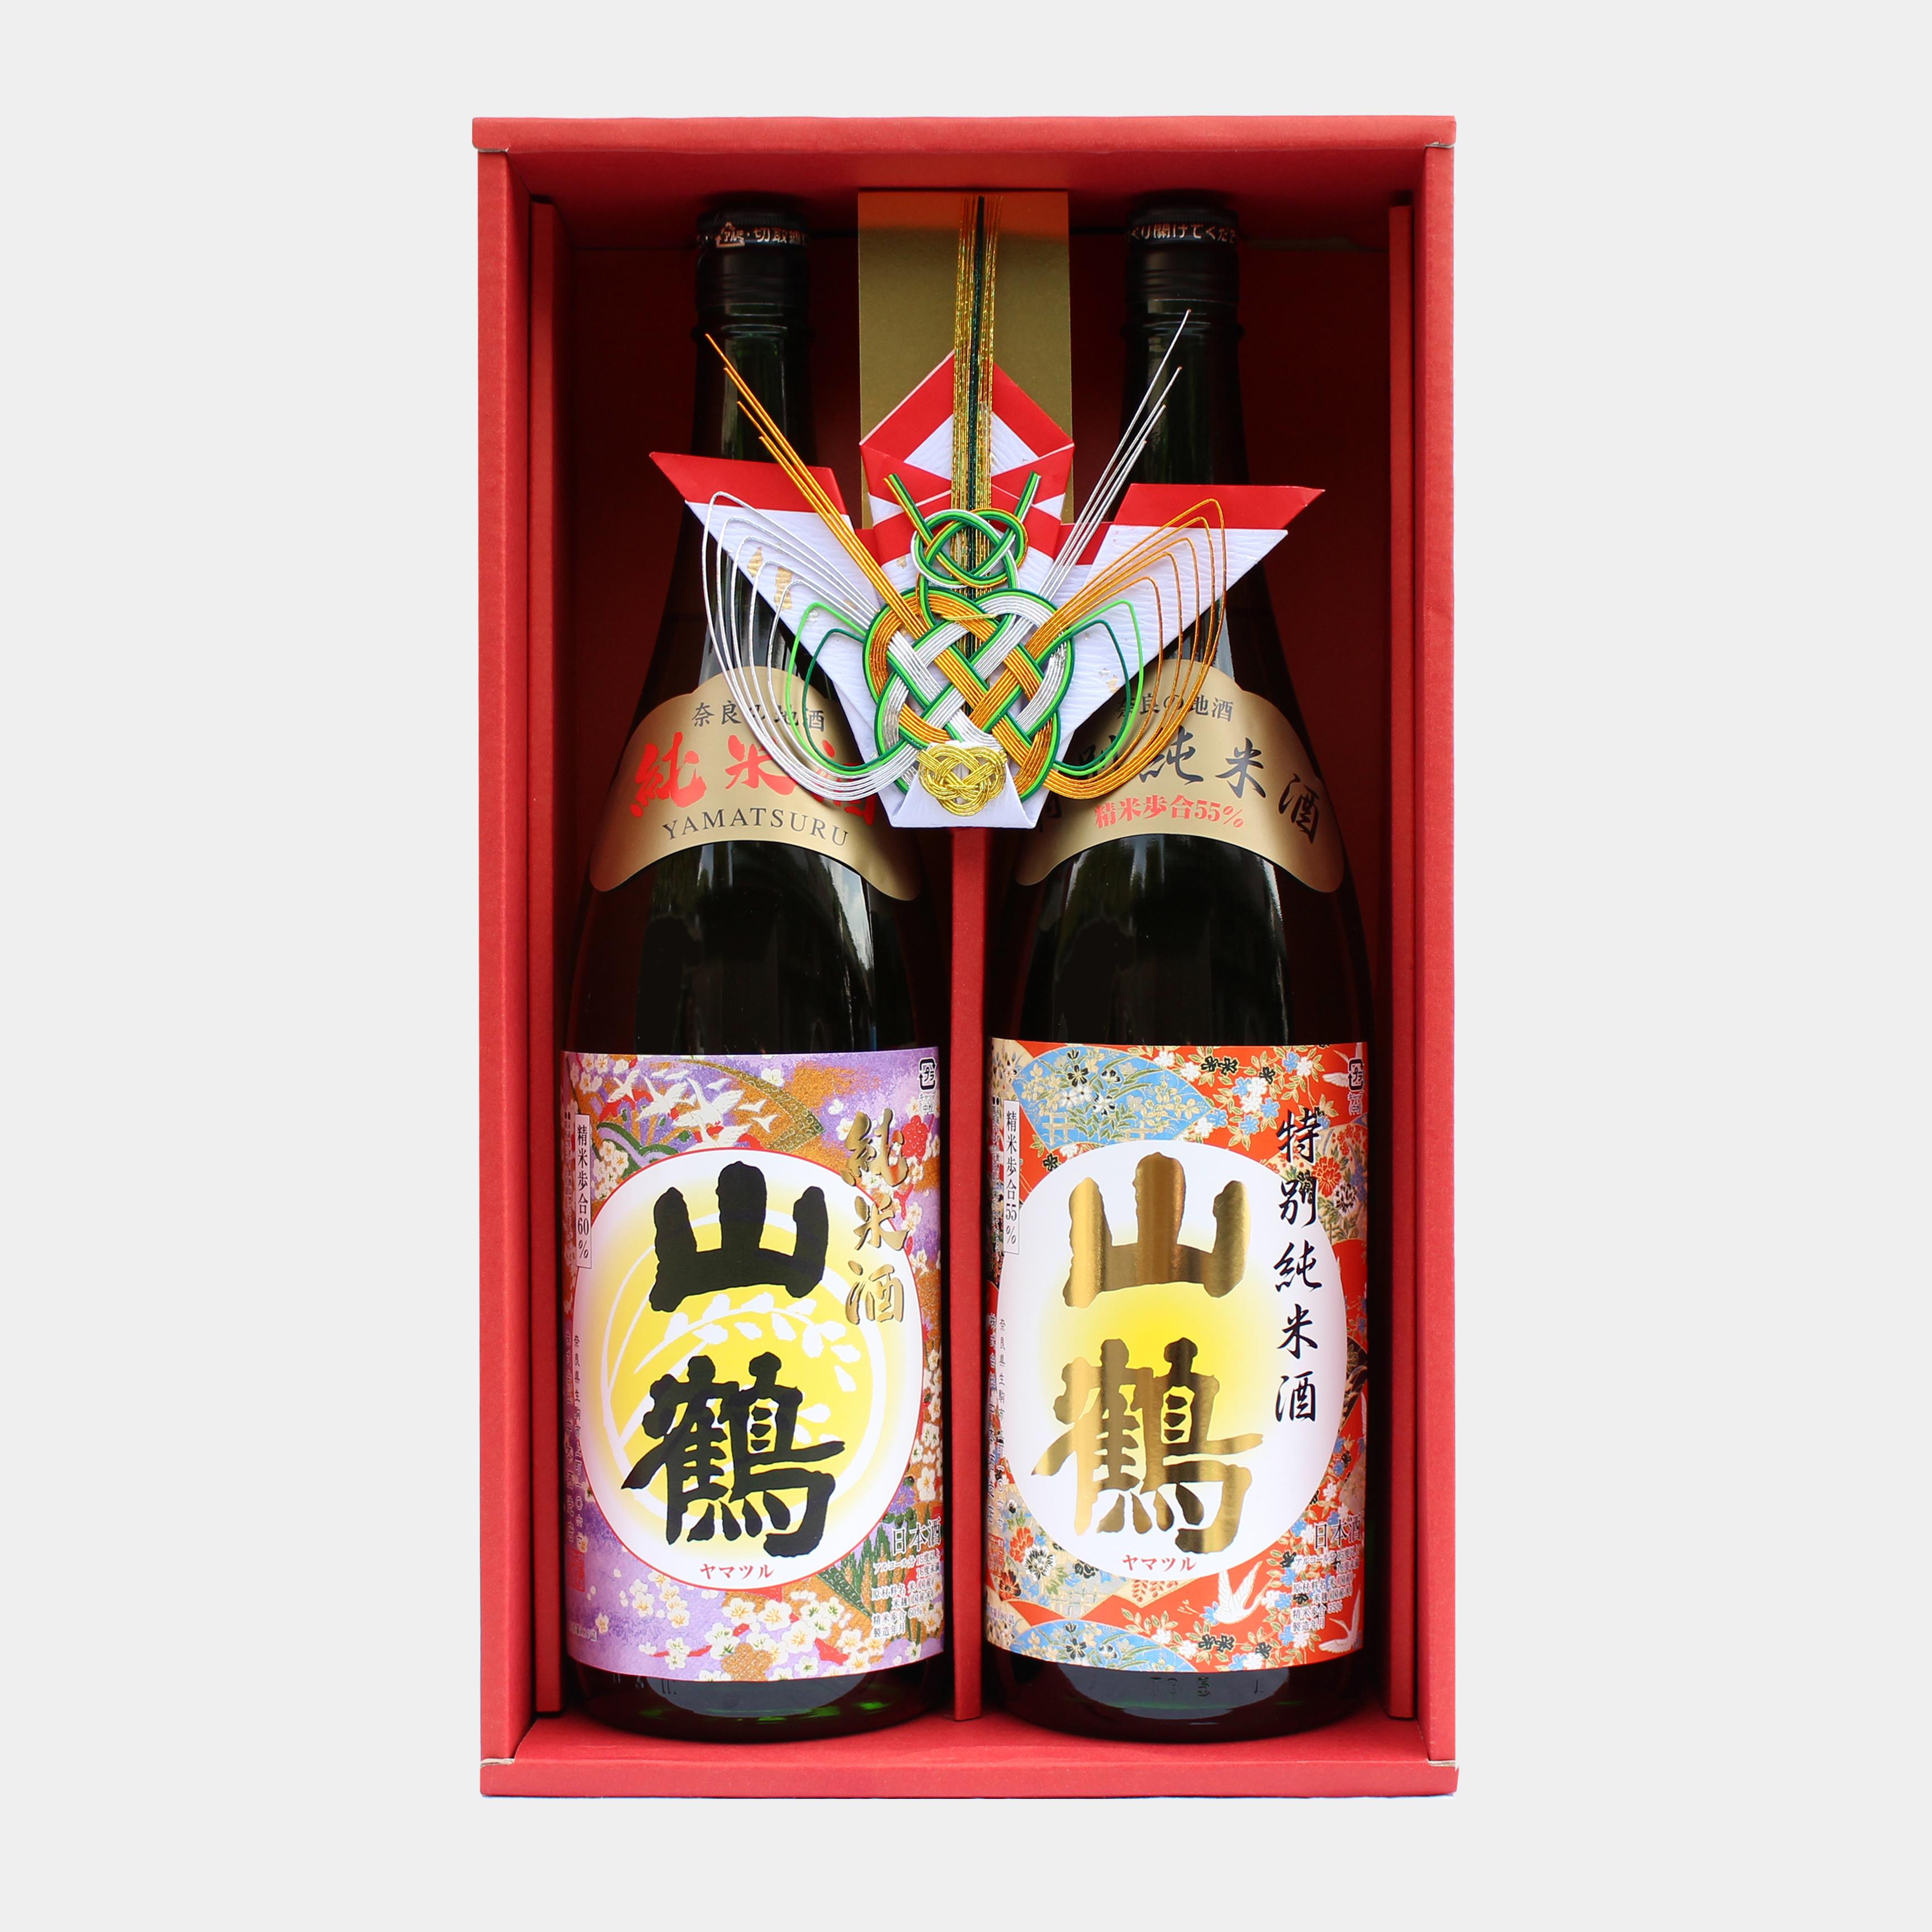 特別純米酒・純米酒厳選ギフト(NS-50)